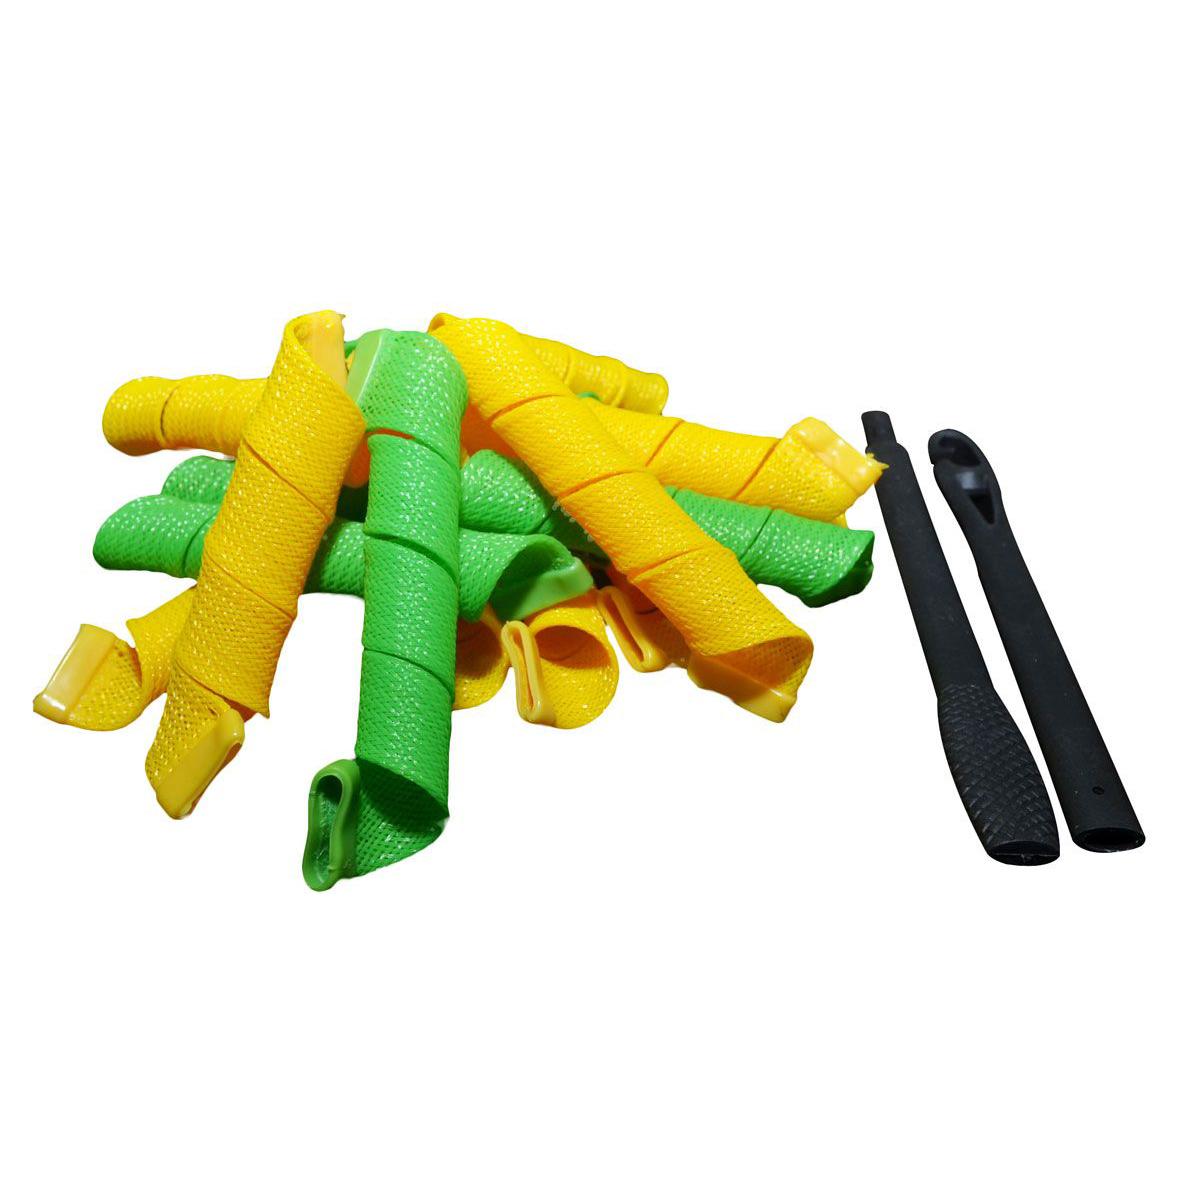 Magic Leverage Волшебные бигуди Средние лайт 25 см, 12 штСрл25Яркие разноцветные бигуди Magic Leverage средней длины отлично подойдут для подарка: они упакованы в нарядную картонную коробку. Волшебные бигуди длиной 25 см. предельно просты и удобны в использовании. Это новинка в мире стайлинга волос: всего за 30 минут не выходя из дома вы сможете сделать прическу как в лучшем салоне красоты. Обратите внимание: для густых волос понадобится две упаковки средних бигуди. Нанесите на влажные волосы укладочное средство. Просуньте складной крючок, который входит в набор, внутрь бигуди, зацепите прядь и протащите ее насквозь. Несколько пассов феном, и по плечам рассыпаются стойкие упругие локоны. Остается только красиво заколоть их в прическу… и вперед, покорять мир!могут быть различные!Характеристики:Длина: 25 смШирина локона: 2 смДиаметр завитка: 2 смКоличество: 12 шт.Крючок: двойнойУпаковка: коробка